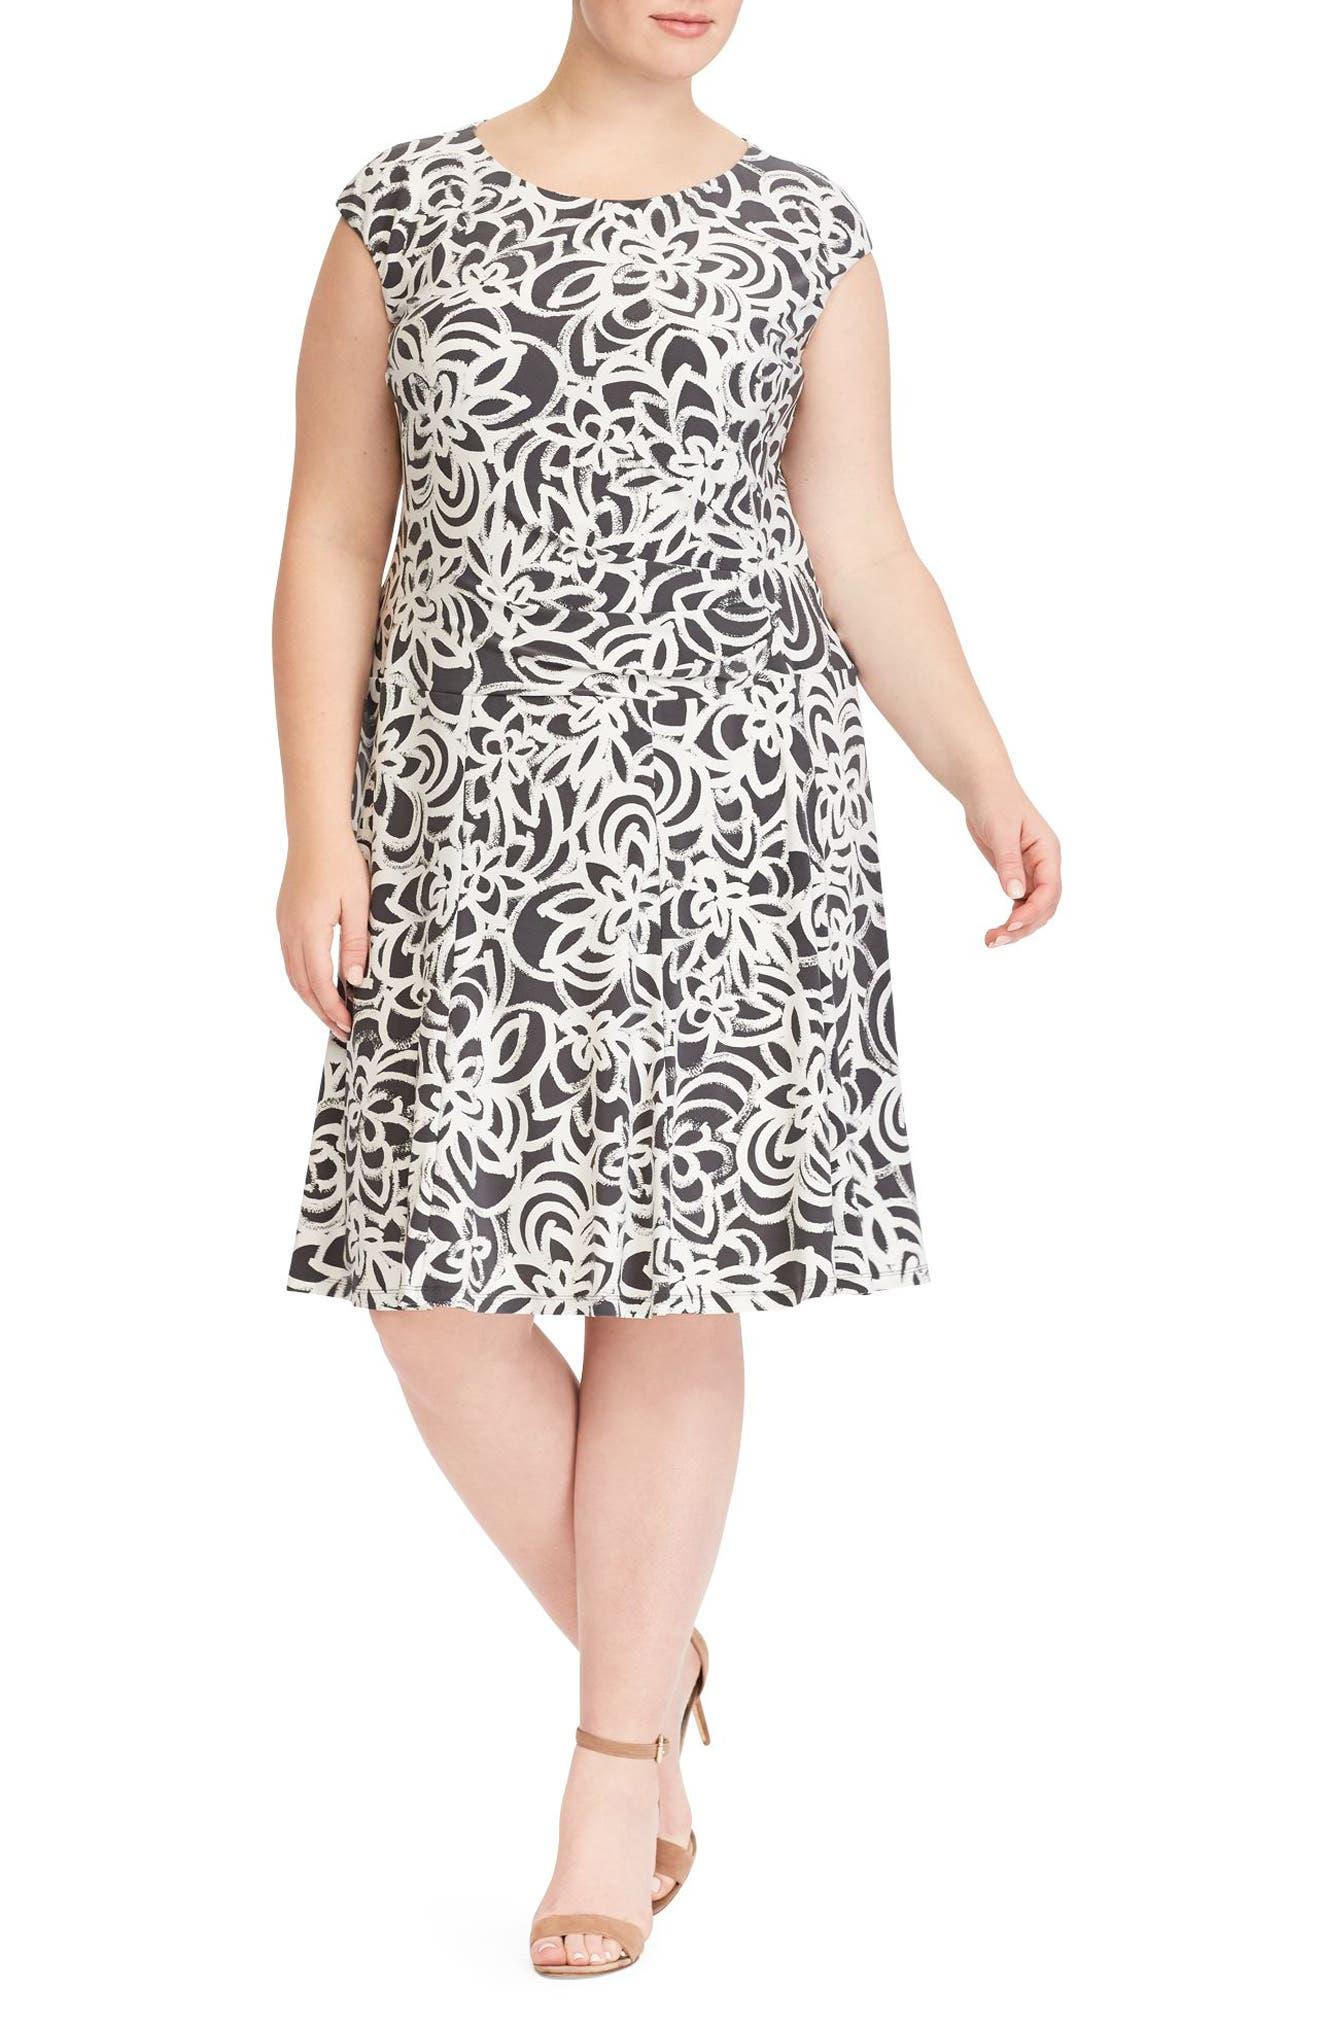 Lauren Ralph Lauren Castle Court Floral Ruched Dress (Plus Size)